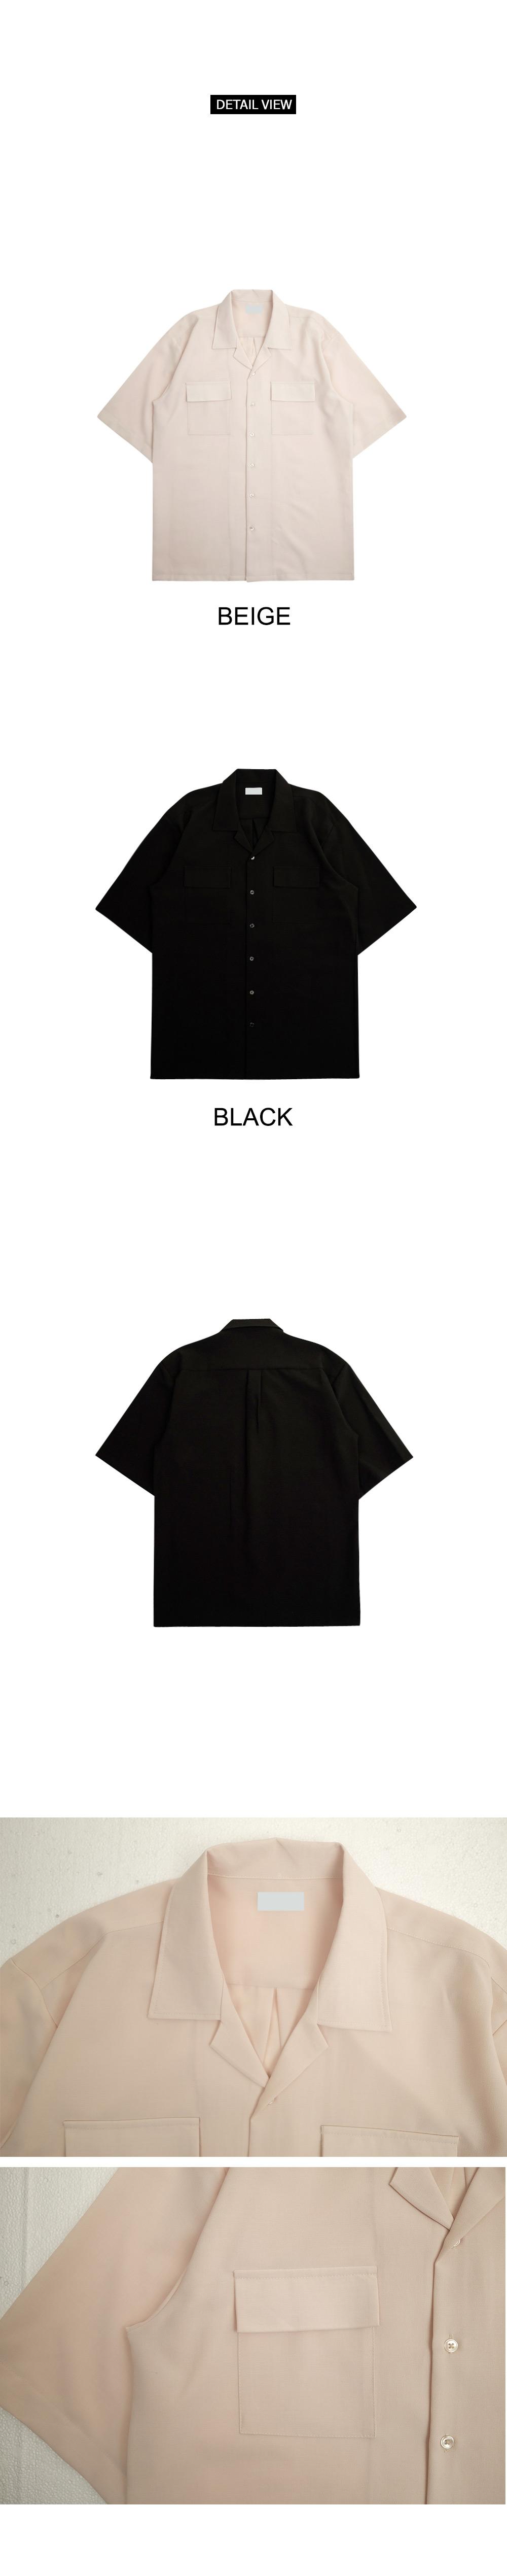 Arkin's open collar shirt